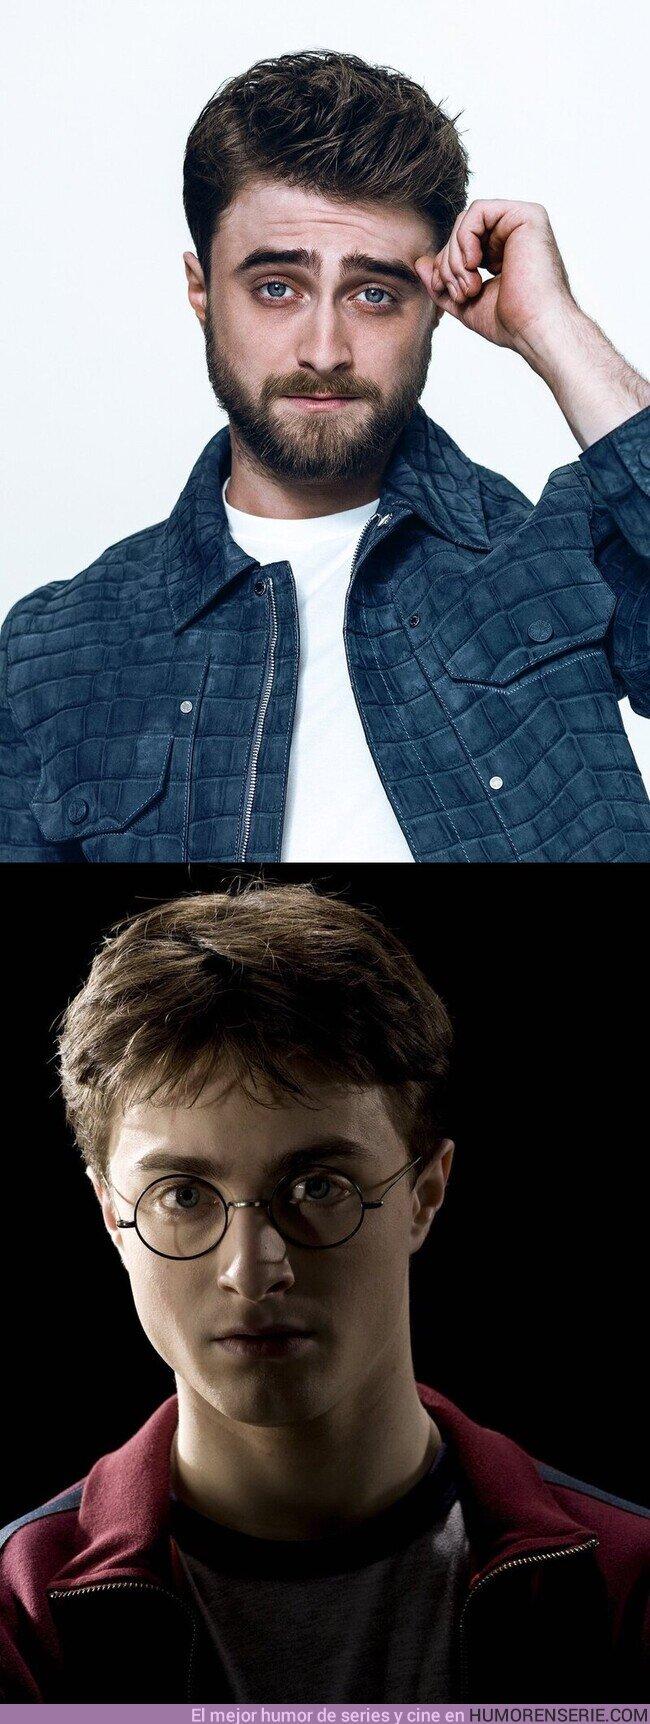 55186 - Hoy cumple 31 años Daniel Radcliffe. Gracias por formar parte de nuestra infancia